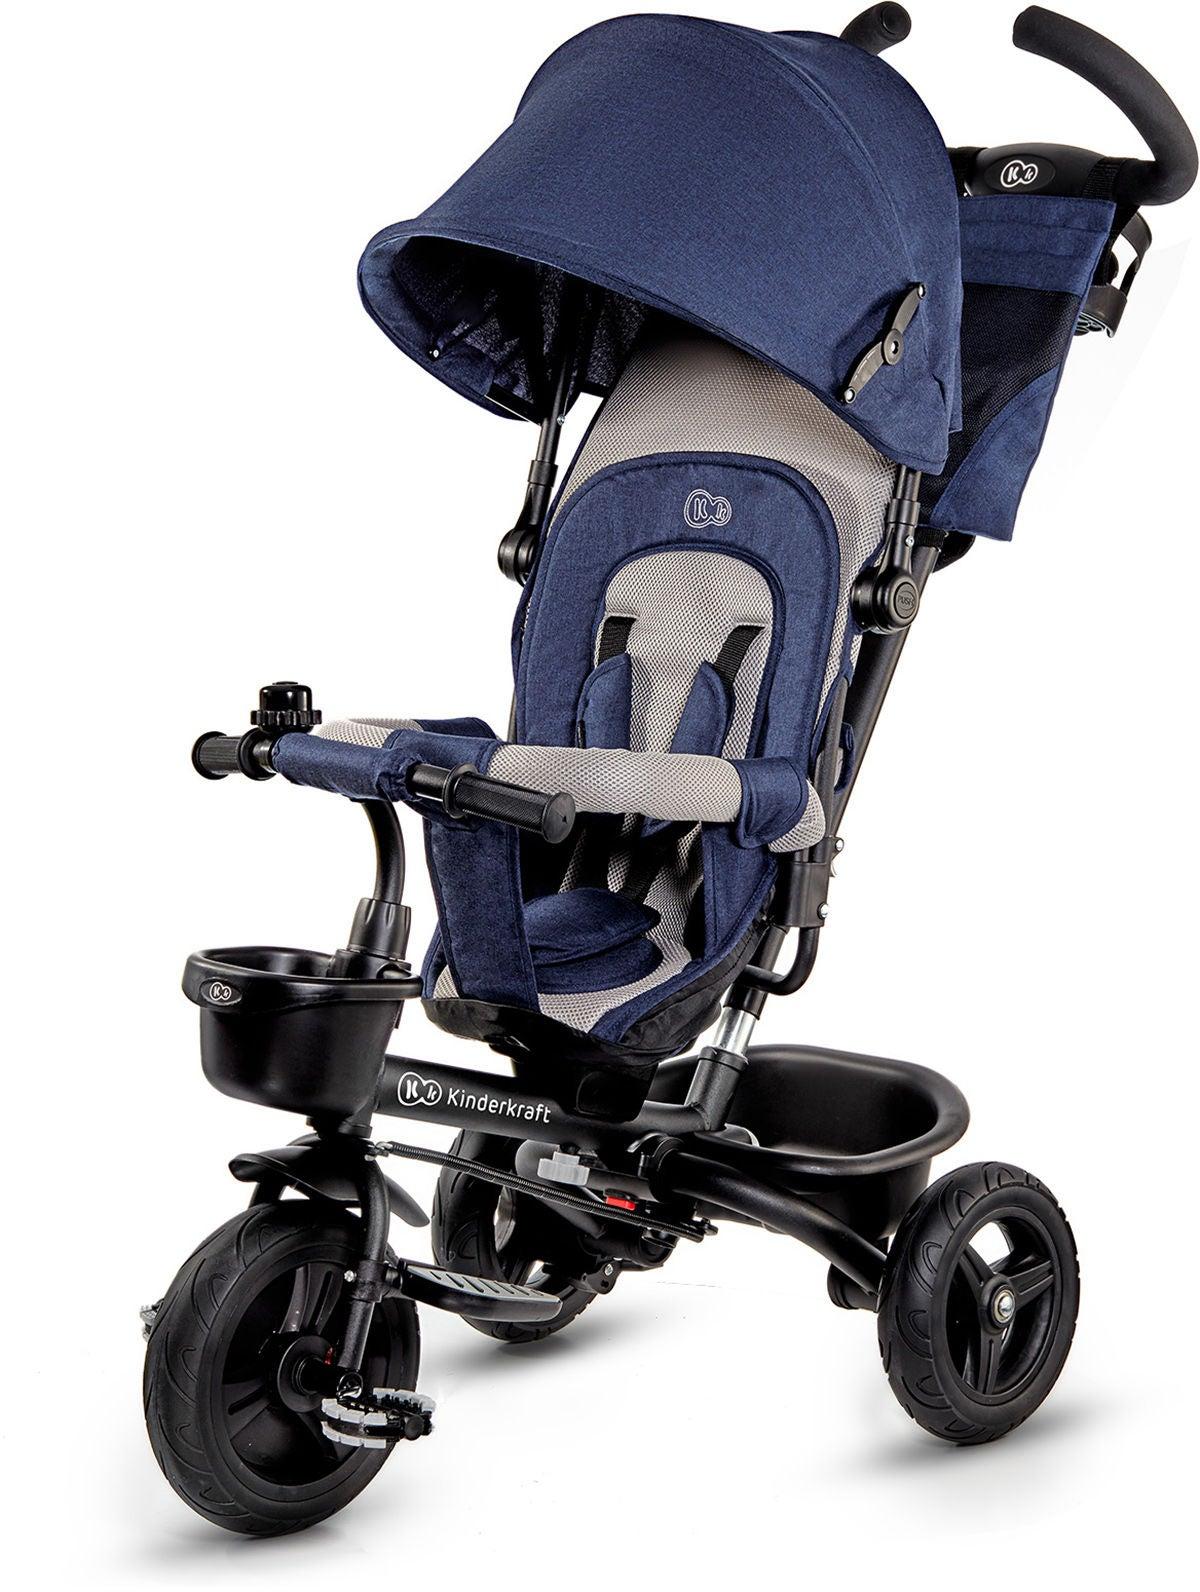 Kinderkraft Trehjuling AVEO, Blå